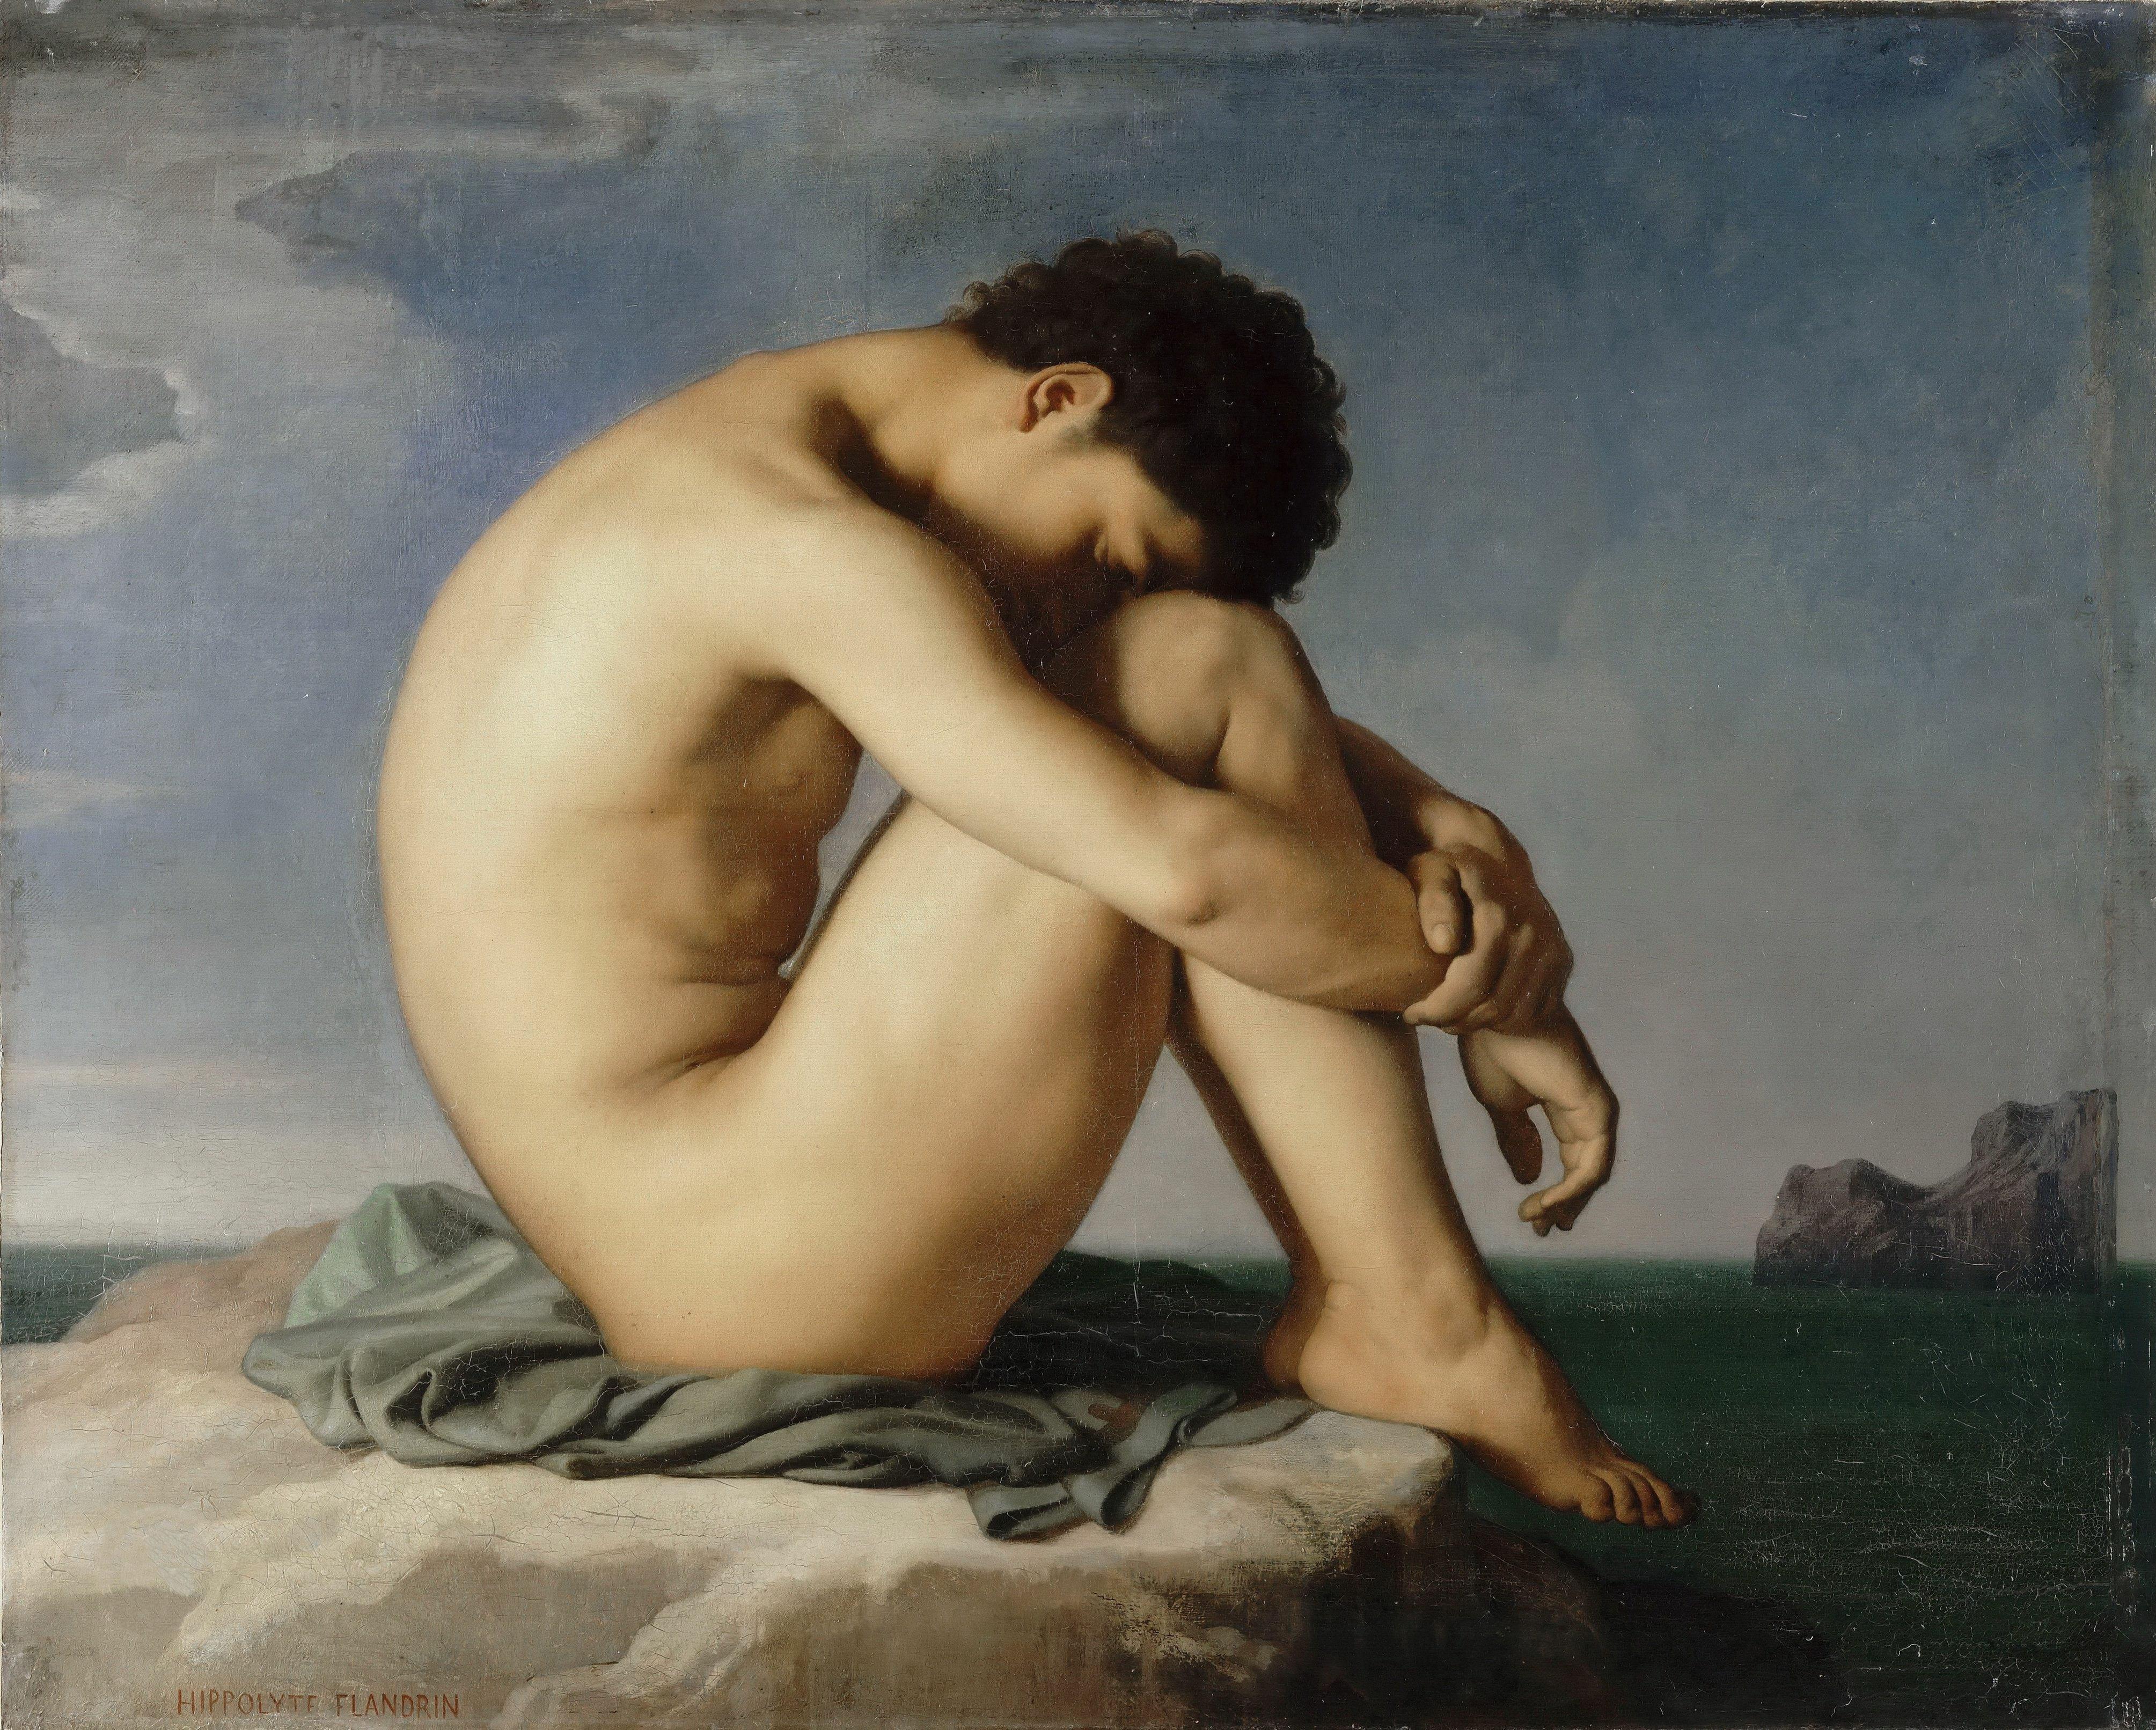 """Résultat de recherche d'images pour """"homme peinture 19e siècle"""""""